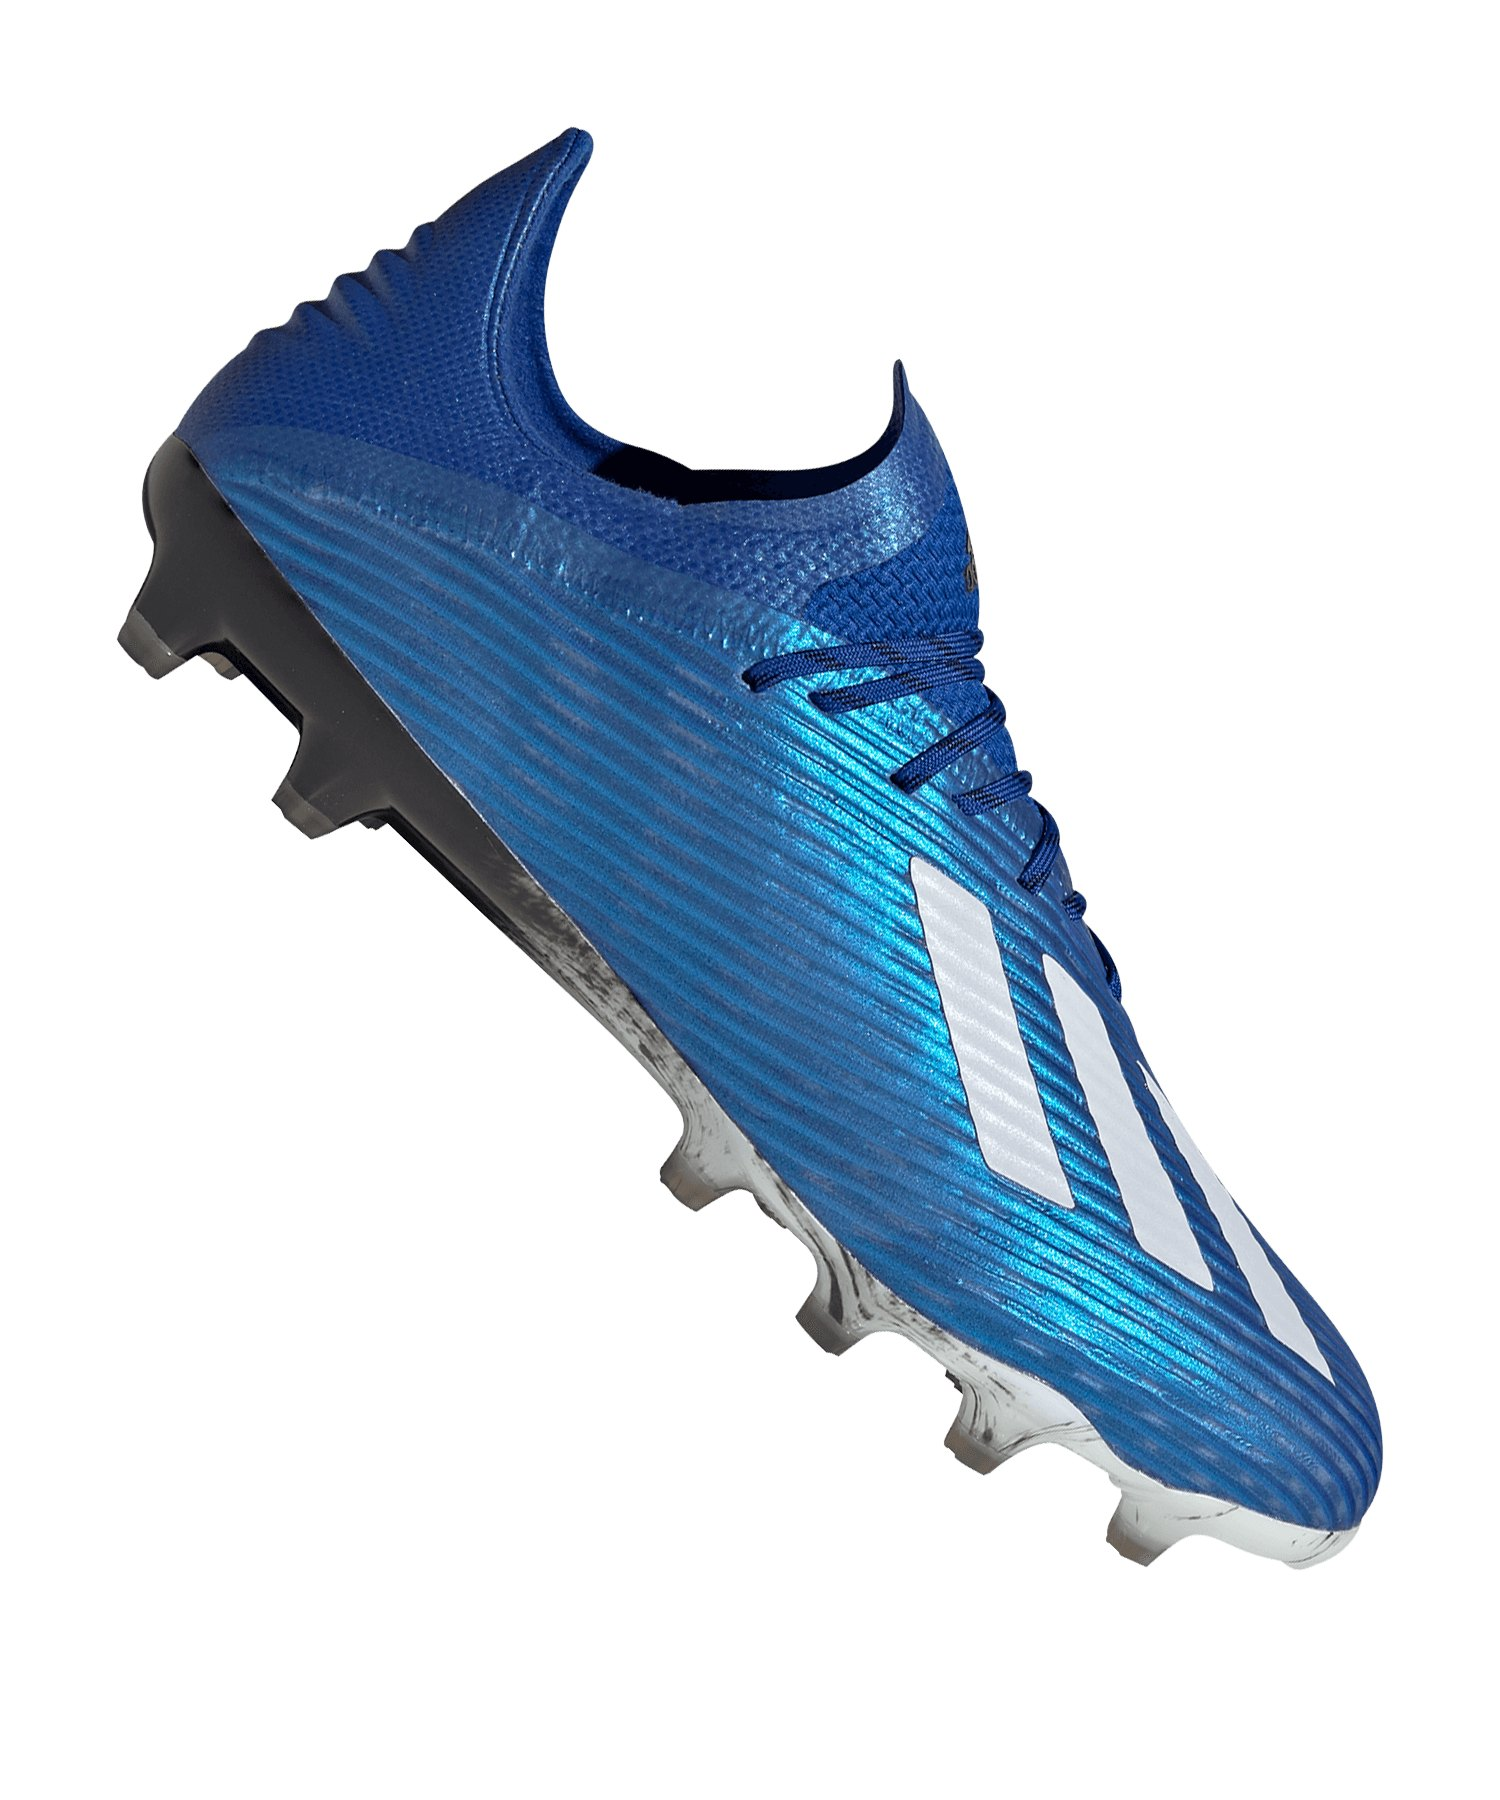 adidas X 19.1 AG Blau Weiss Schwarz - blau